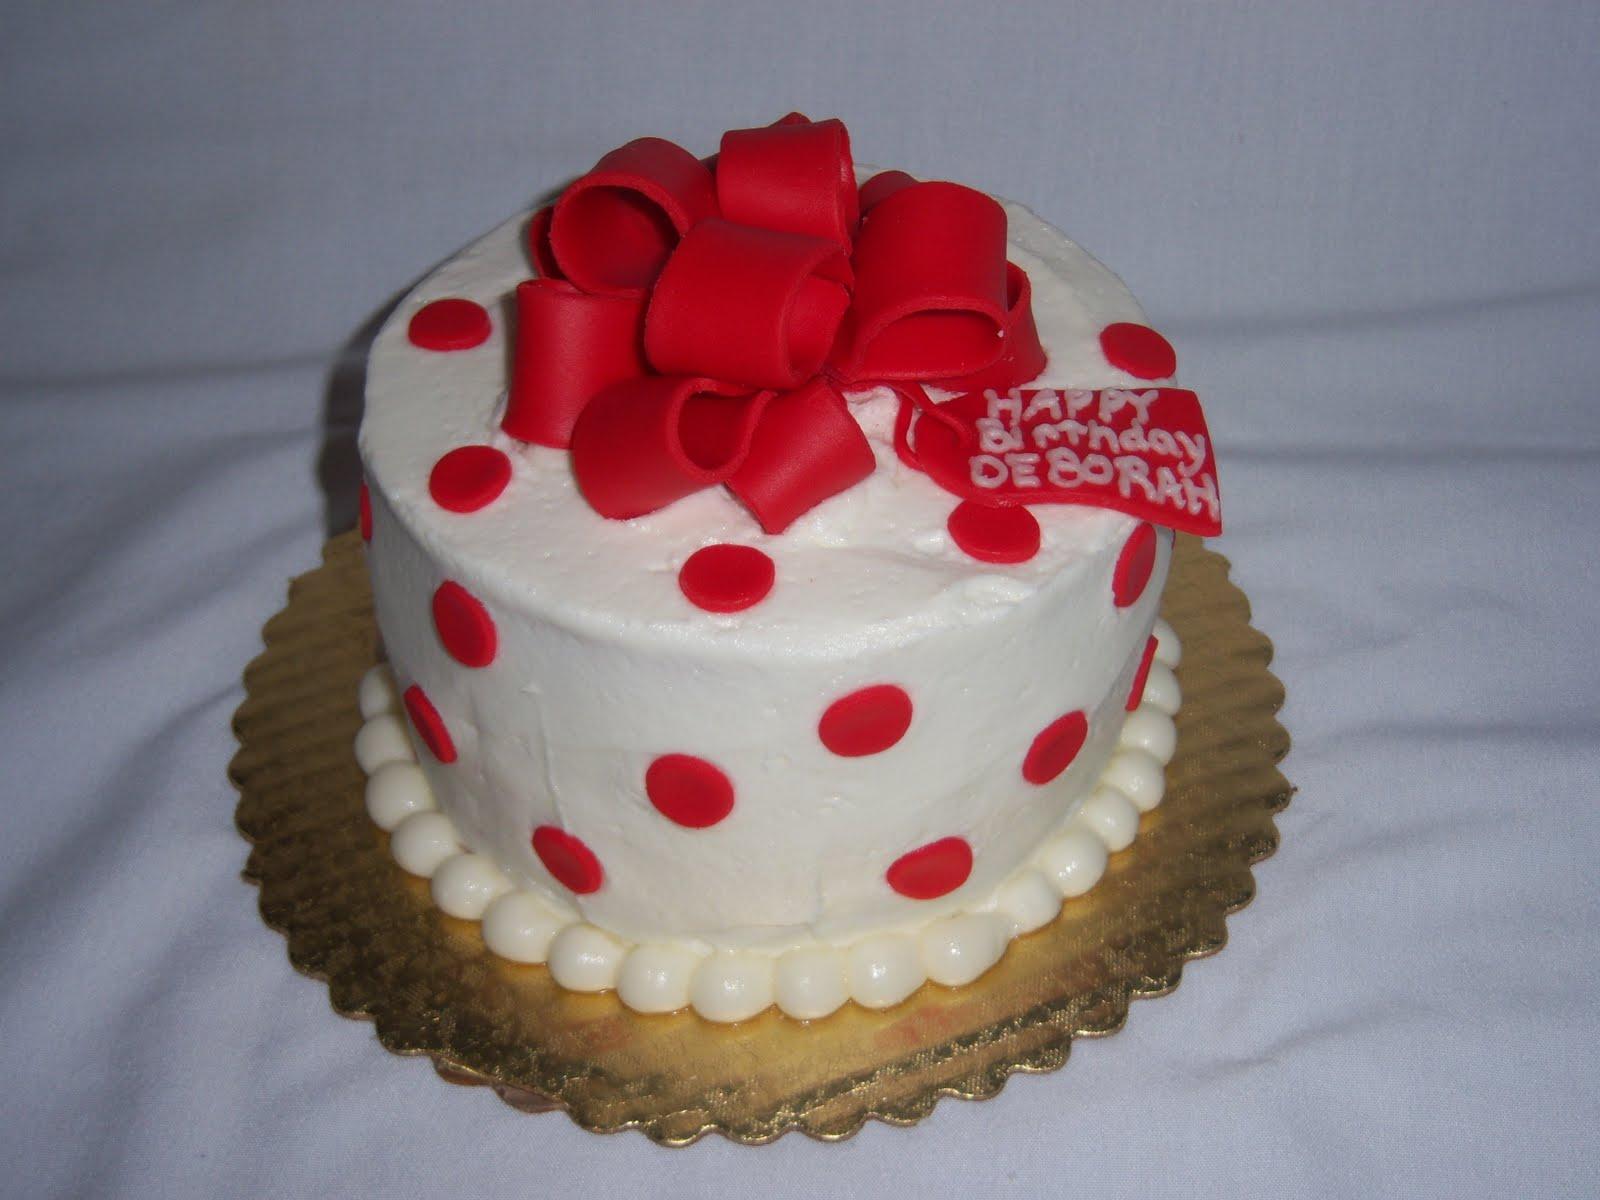 Red Velvet Cake Filling Ideas